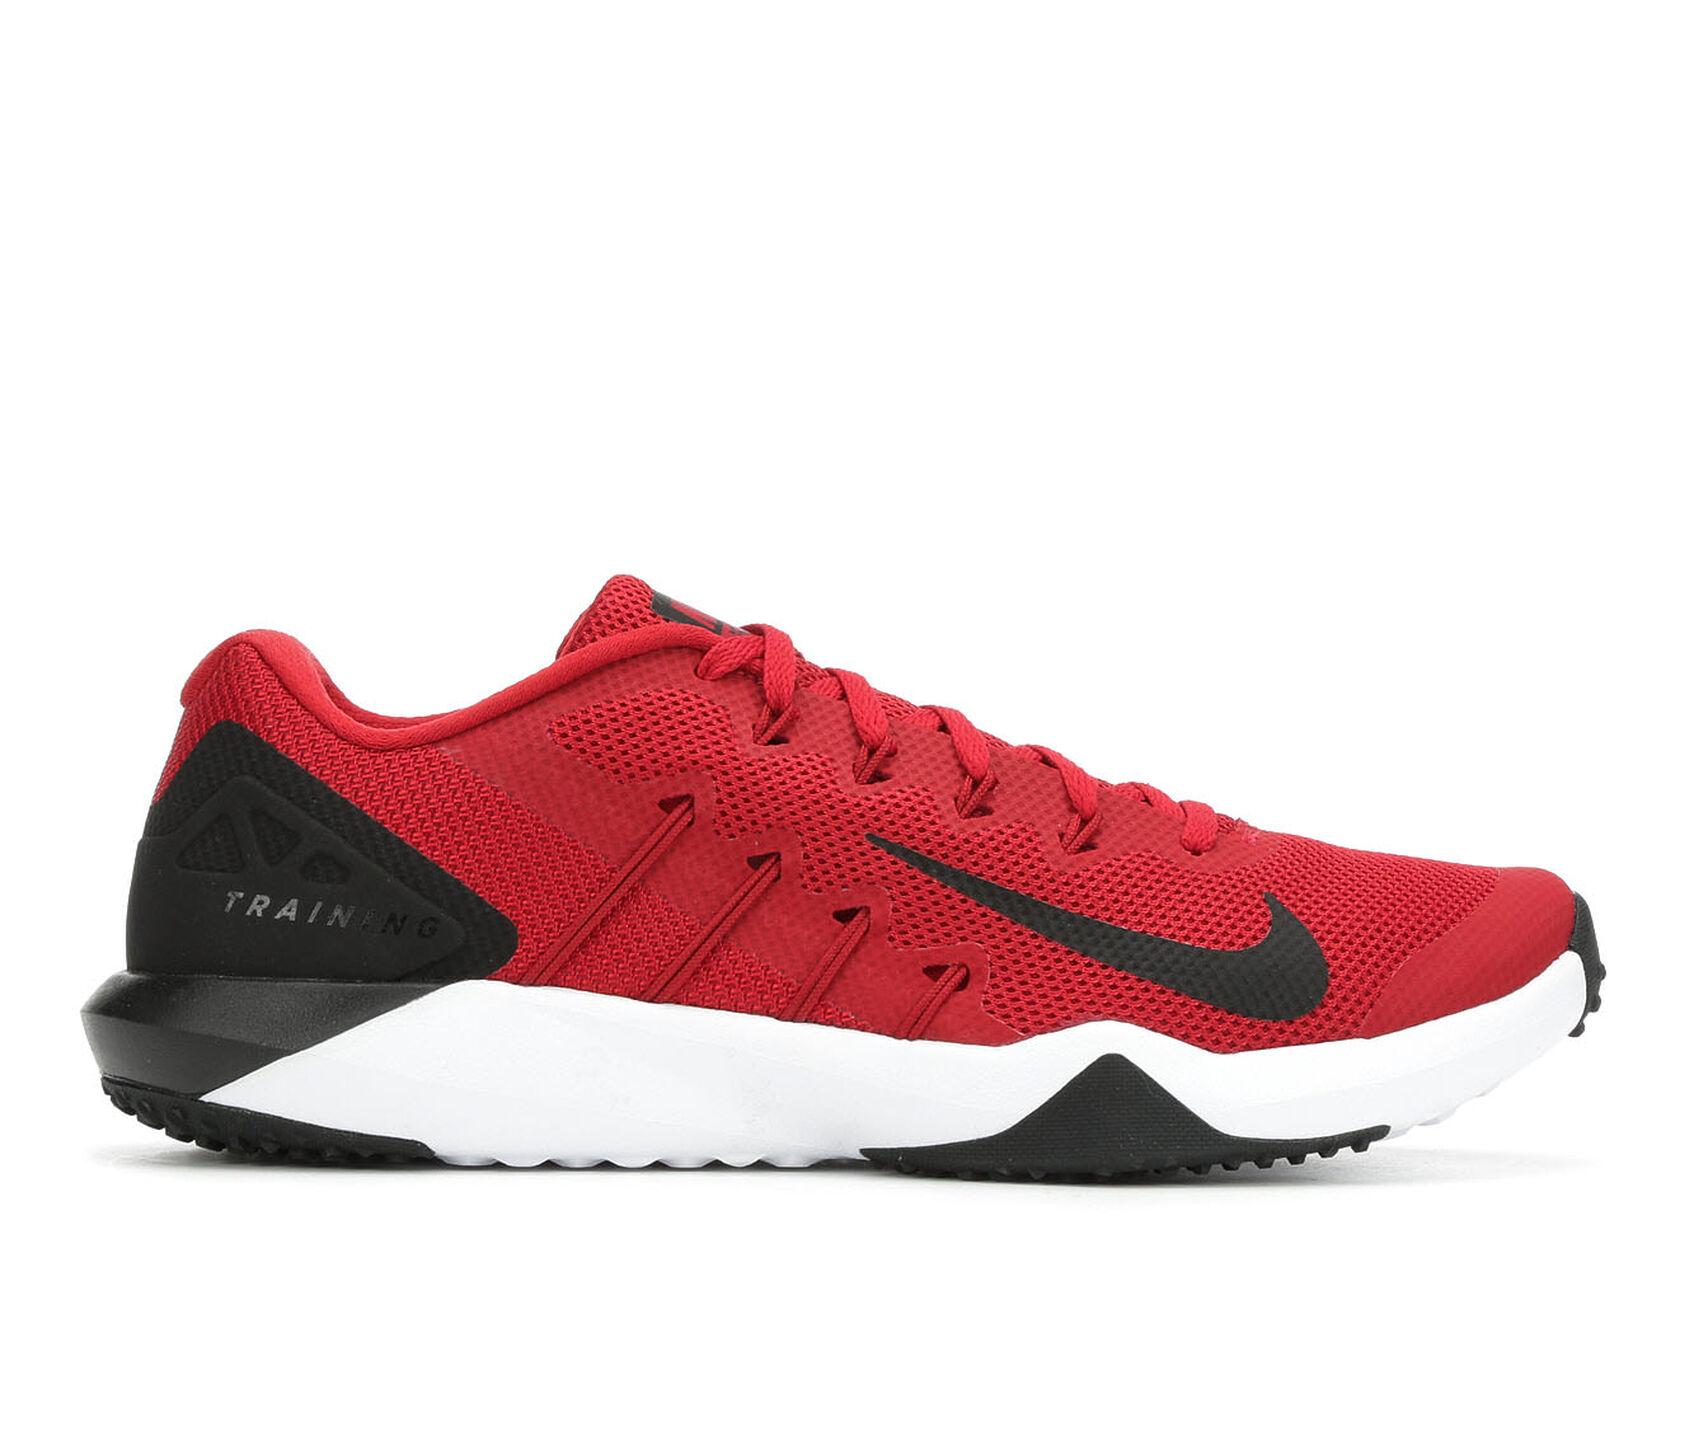 76df41004953 ... Nike Retaliation Tr 2 Training Shoes. Previous